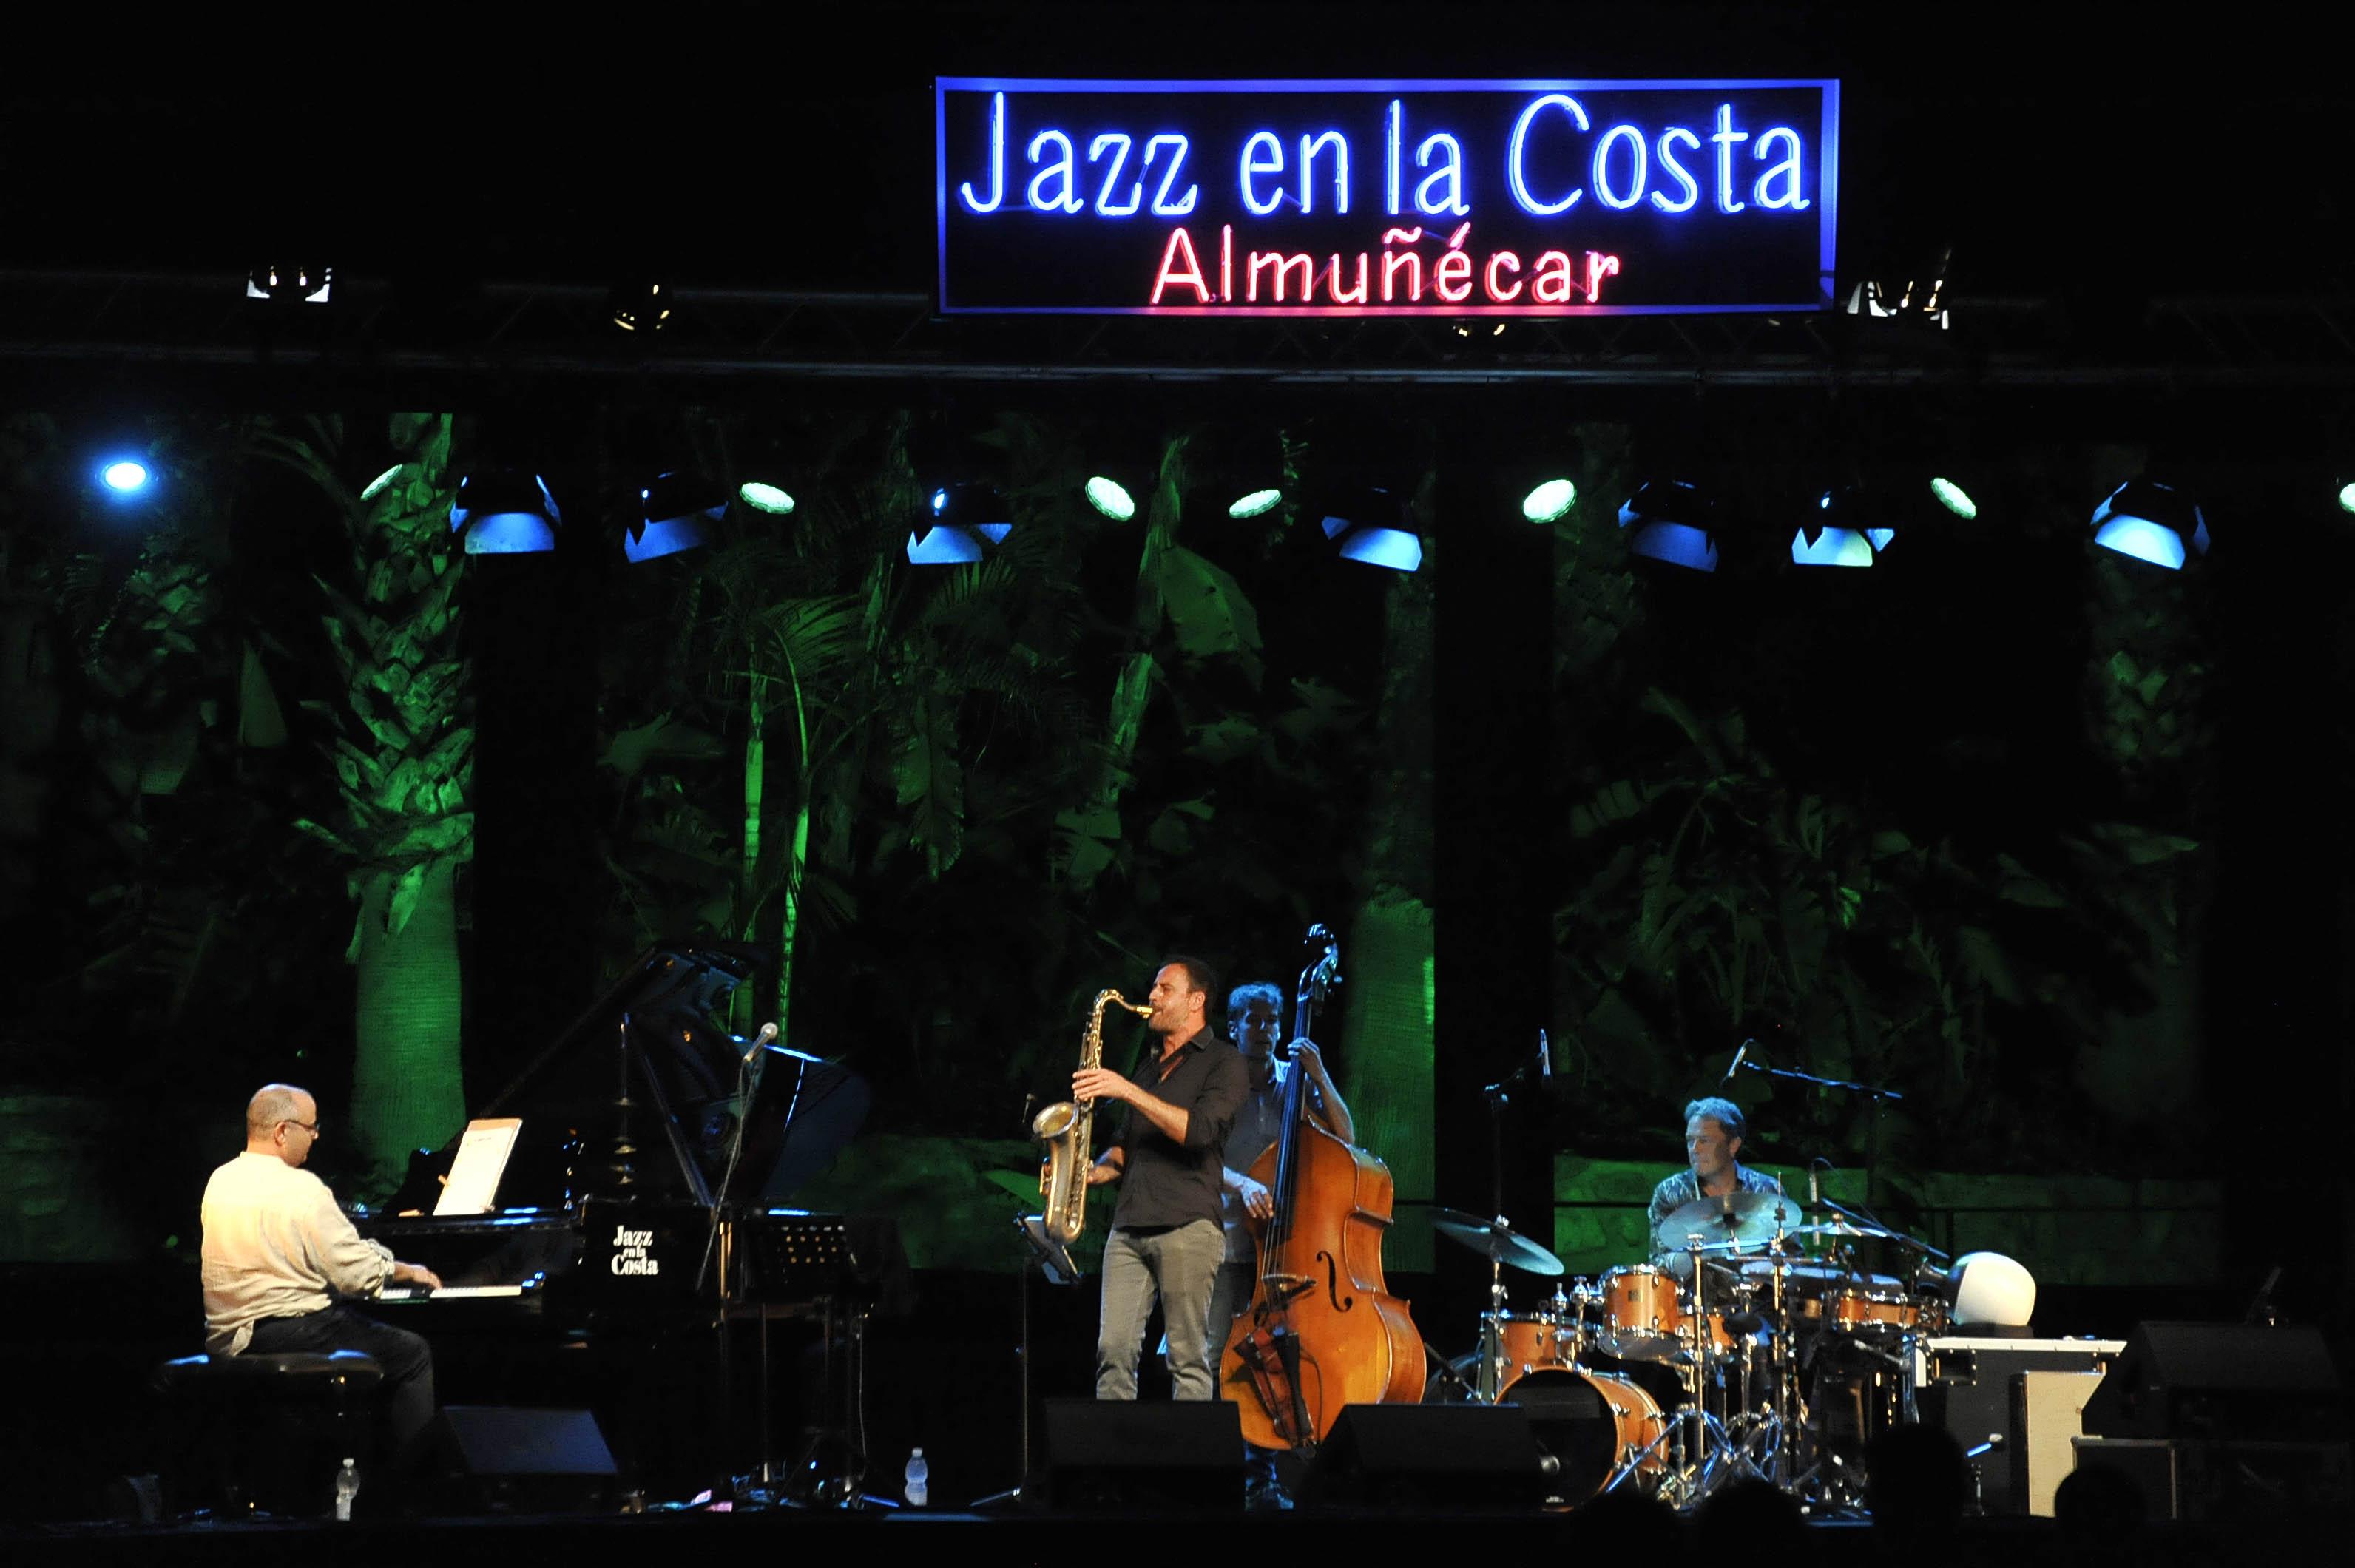 Gran estreno del Jazz en la Costa